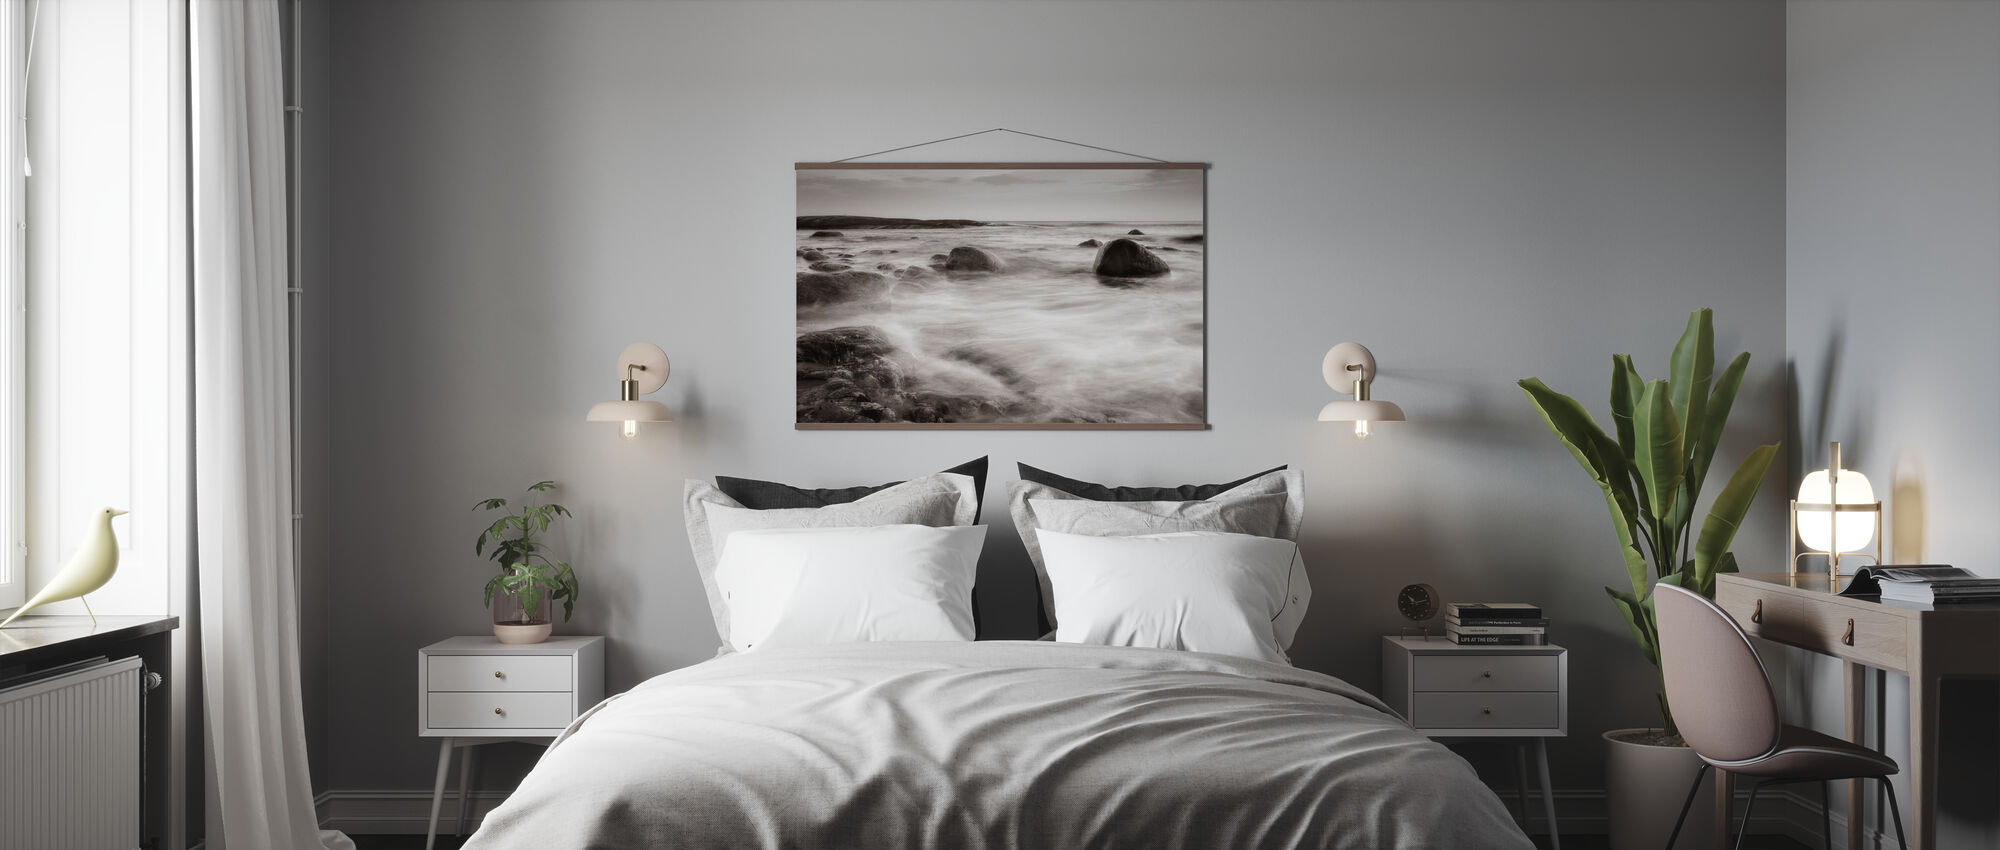 Stroom - Poster - Slaapkamer